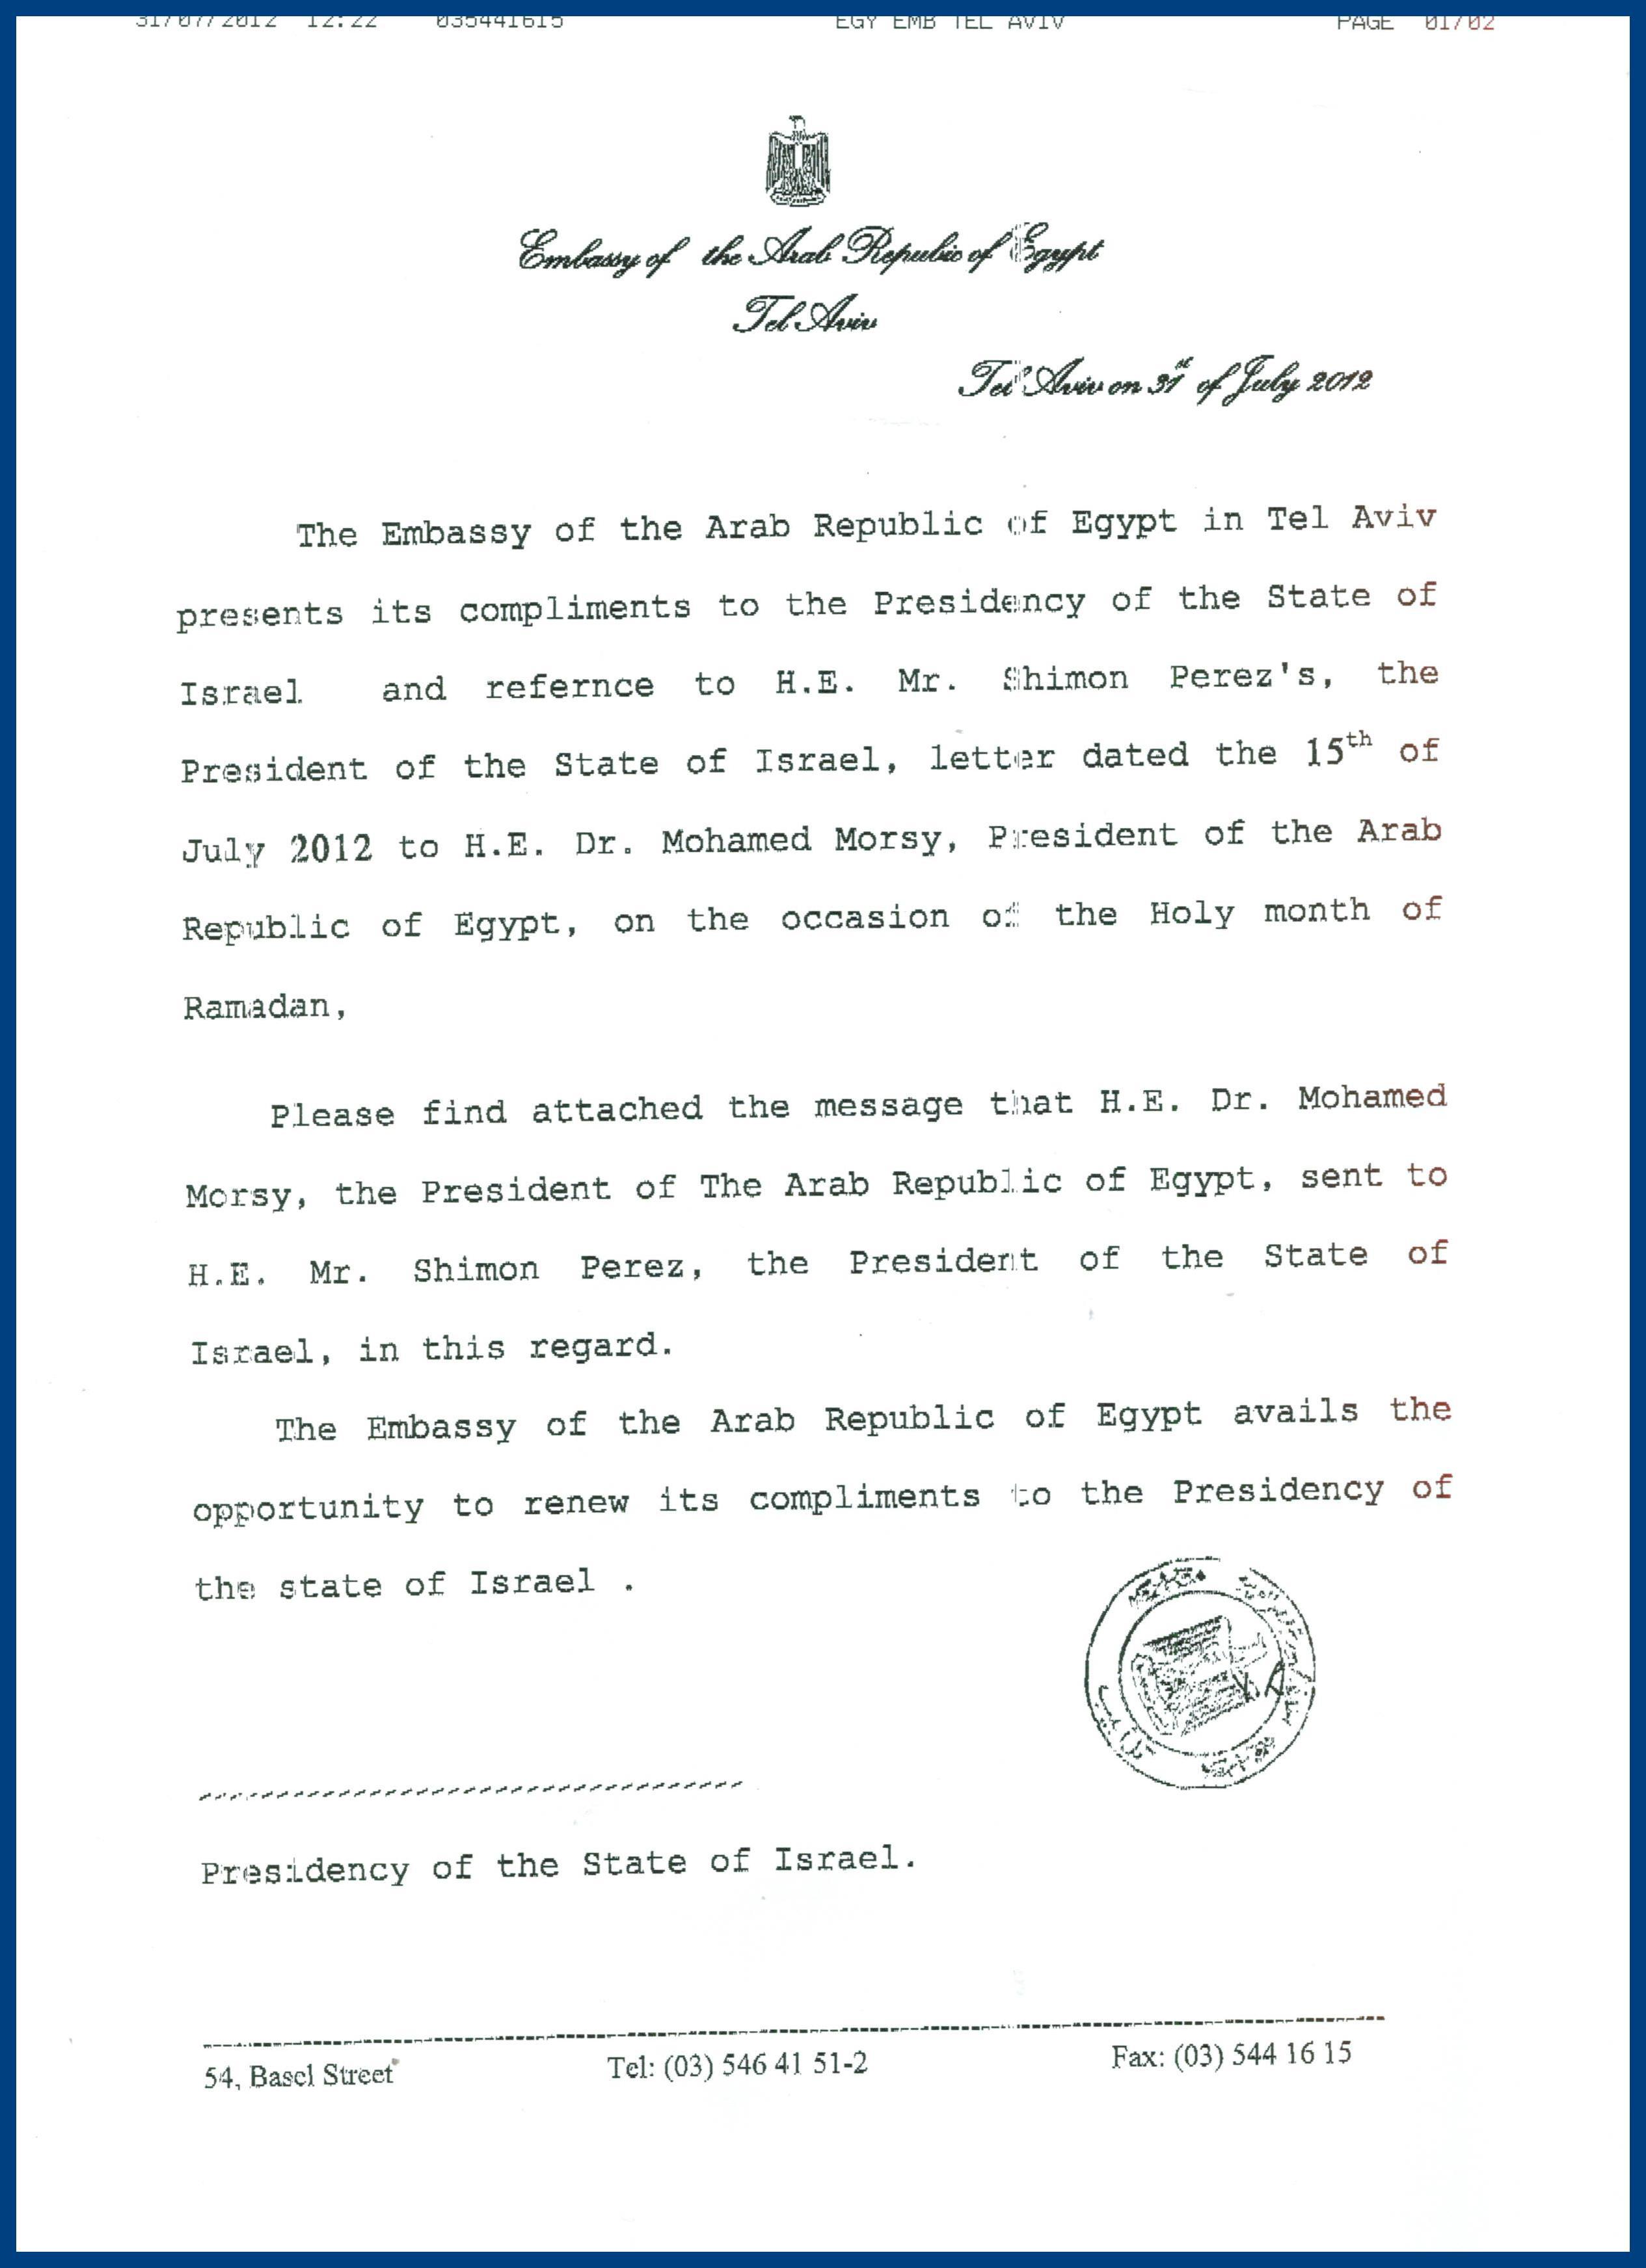 המכתב הנלווה שהתקבל בבית הנשיא משגרירות מצרים לאיגרת הנשיא מורסי